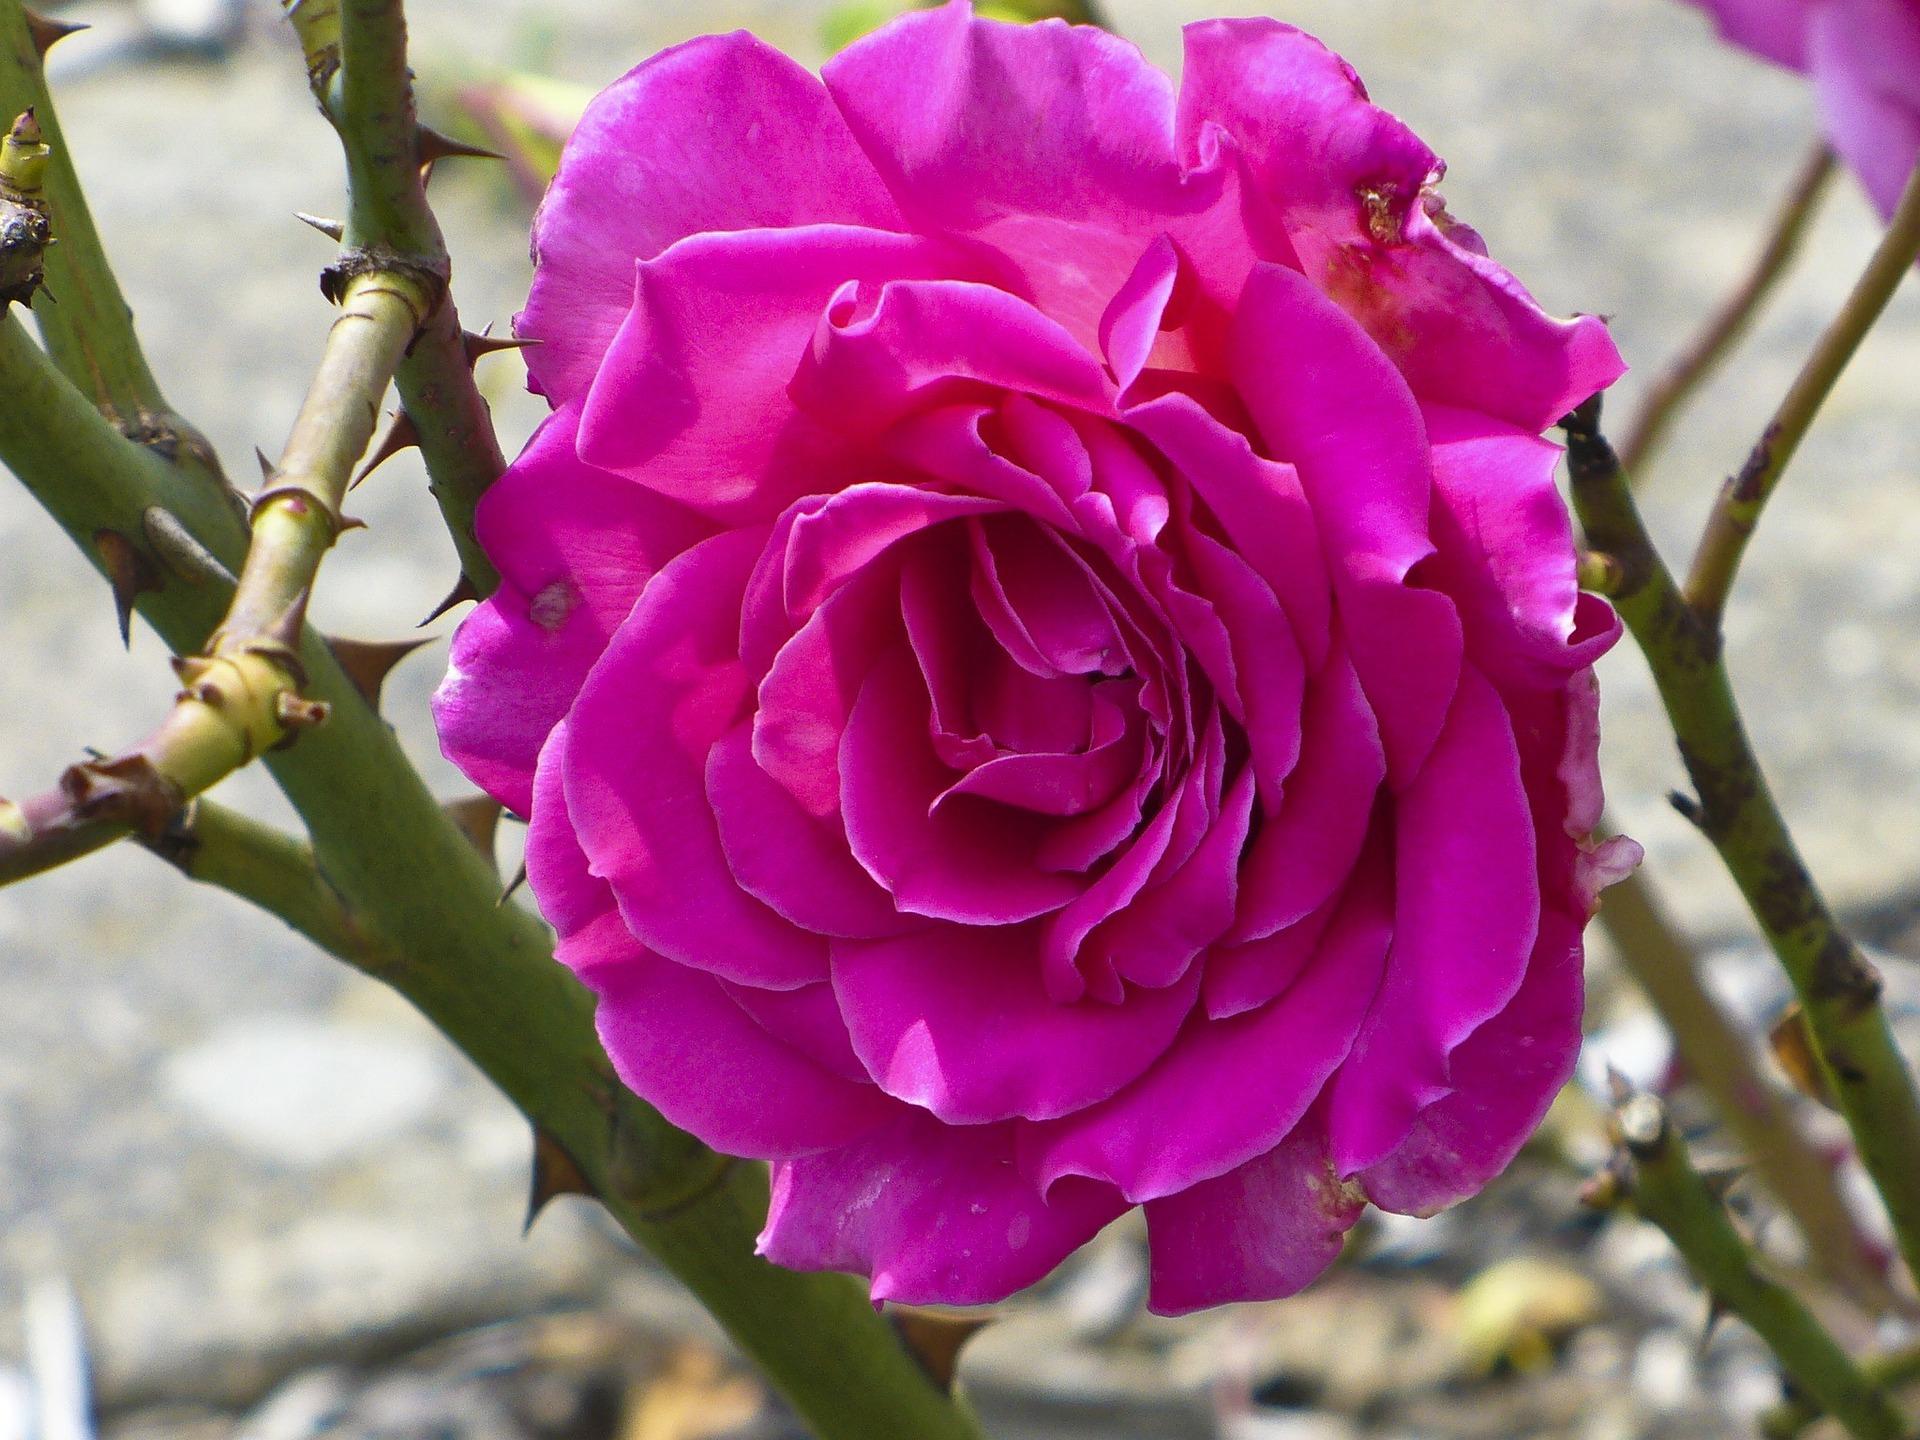 rose-83955_1920